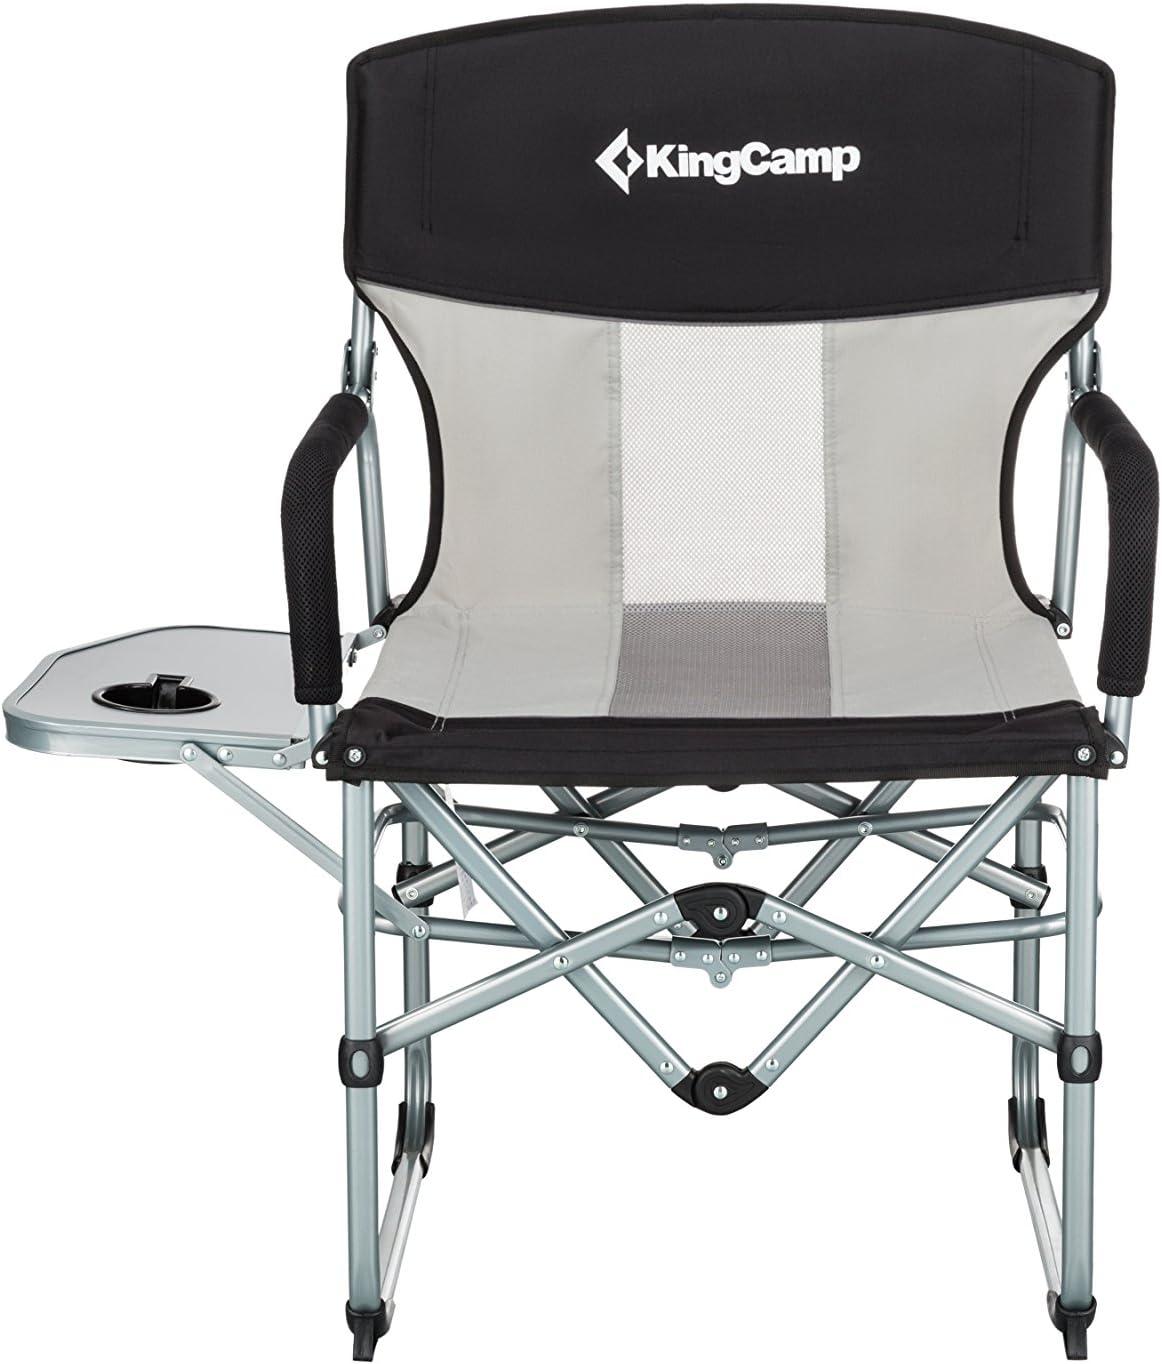 de et Dossier Table latérale Respirant KingCamp Camping en Fauteuil Maille avec OiTZuPkX